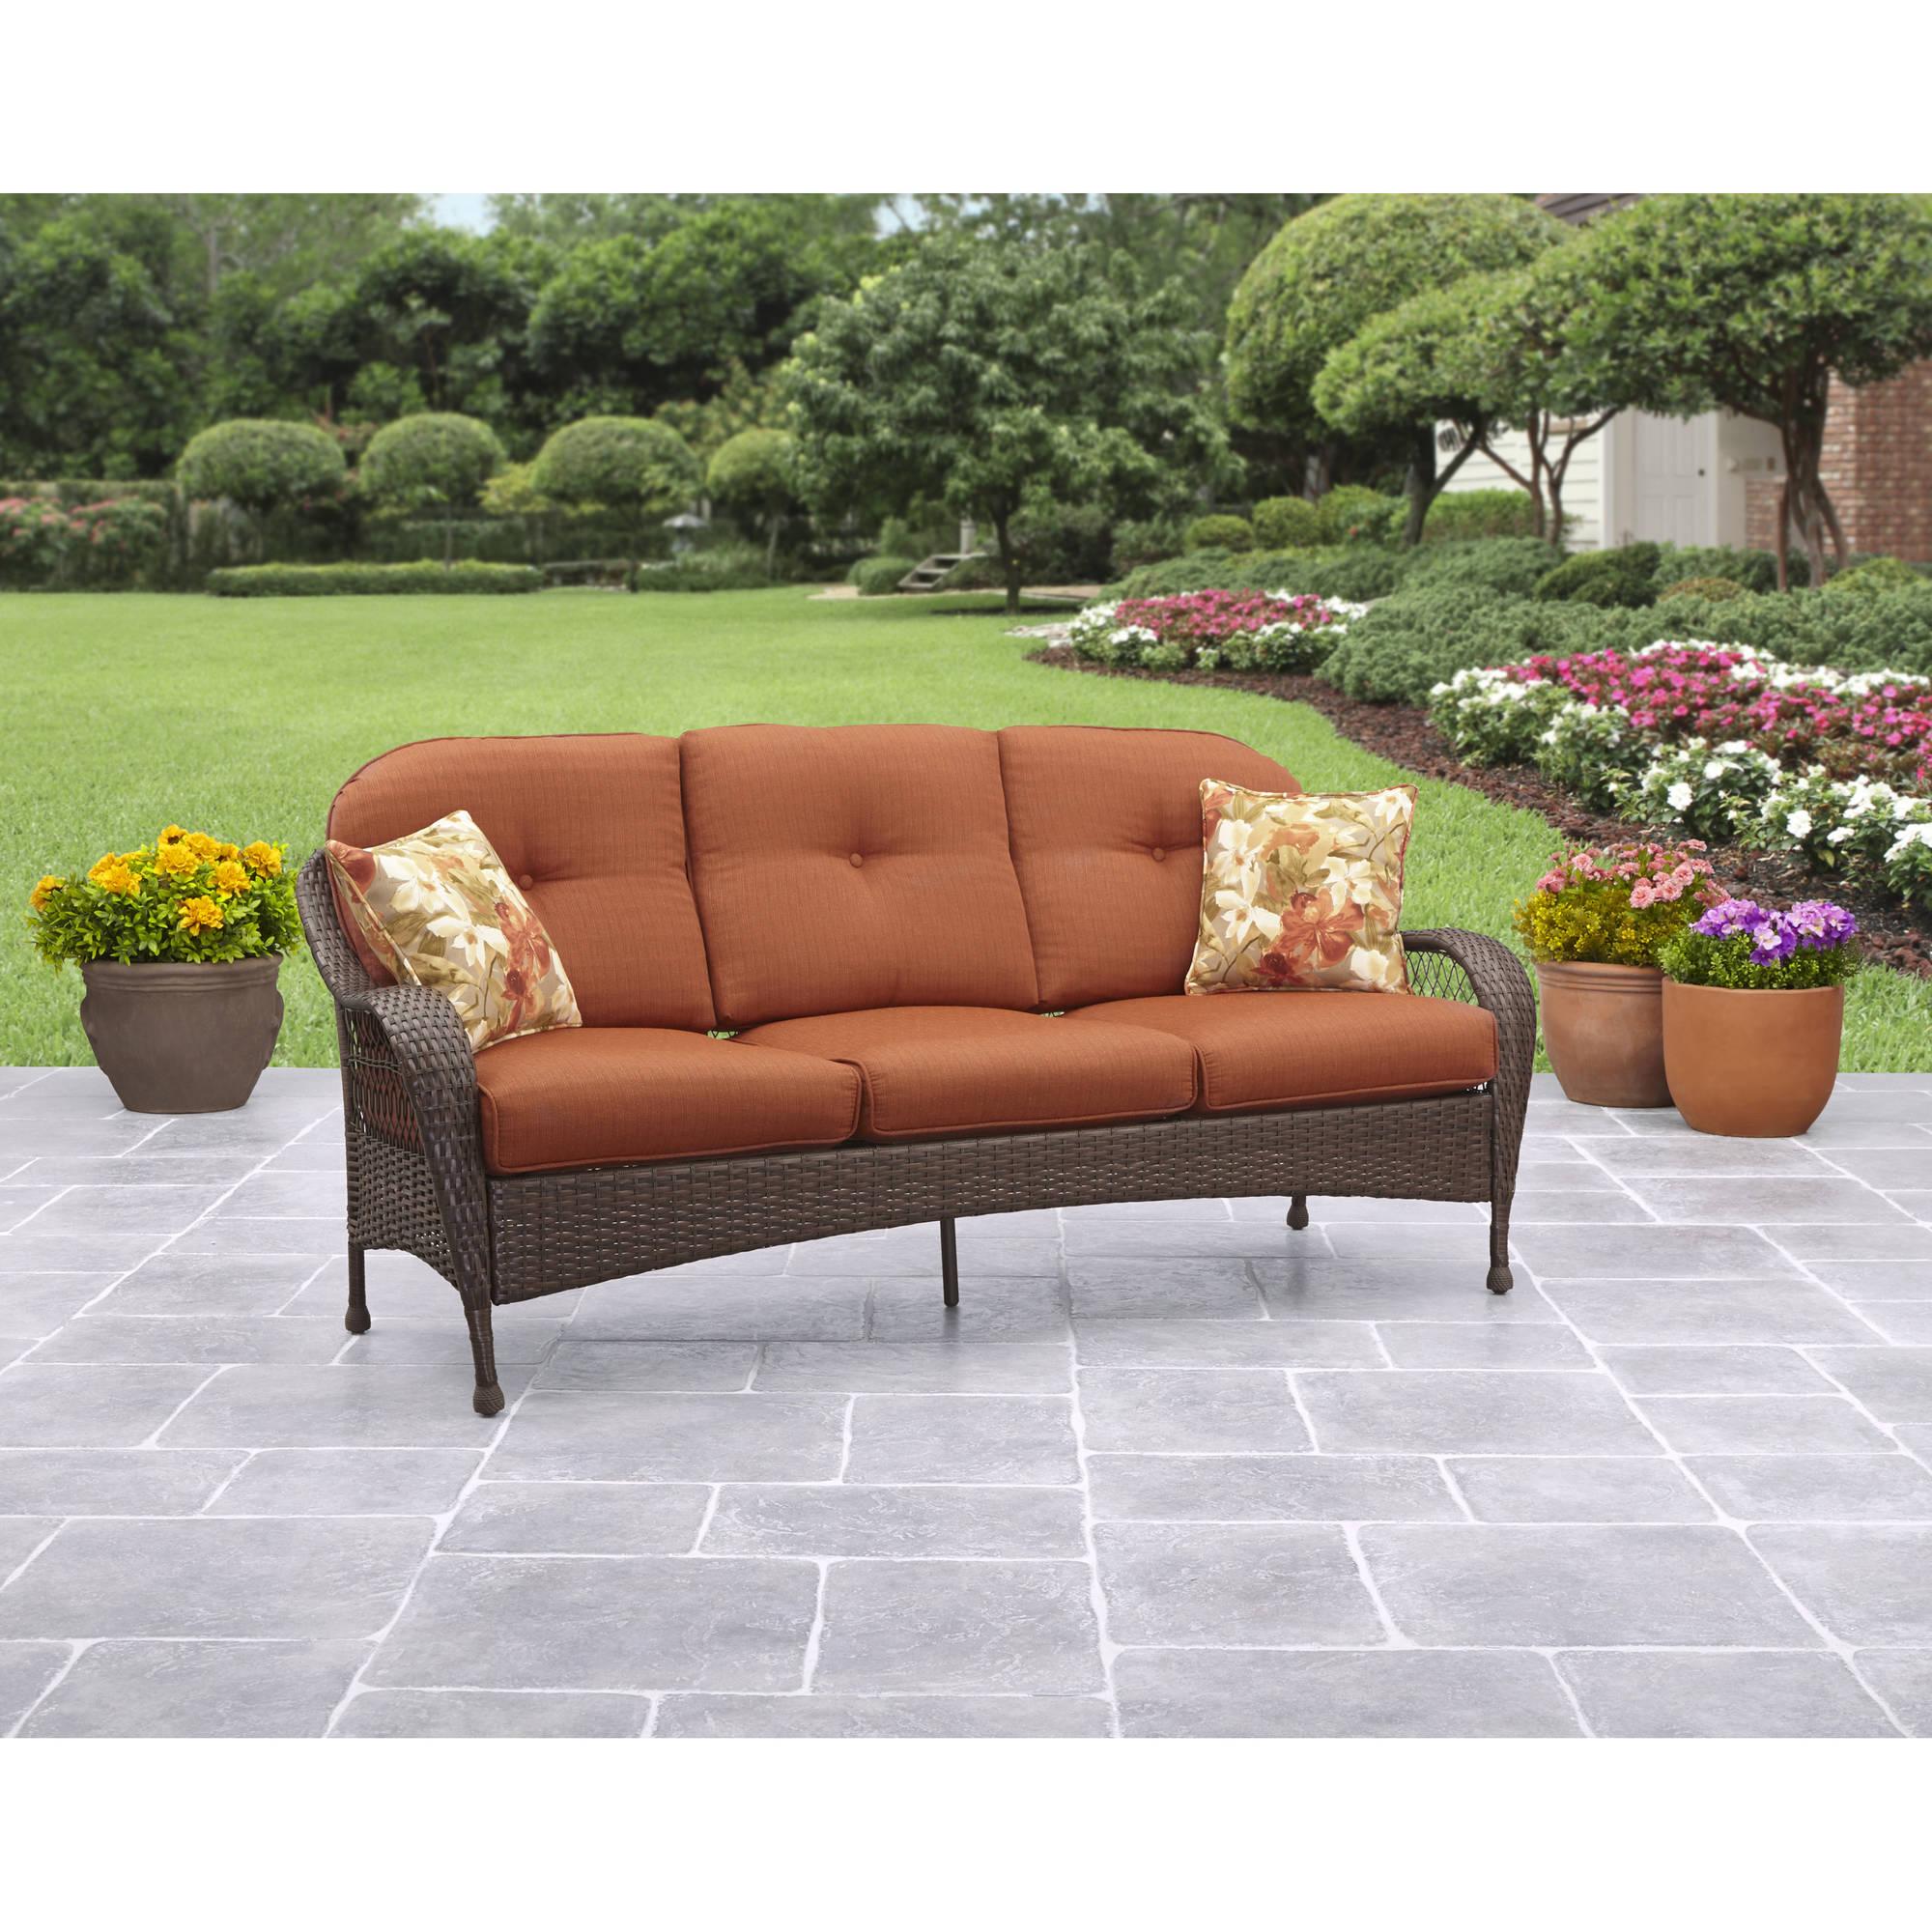 Outdoor Sofa  87